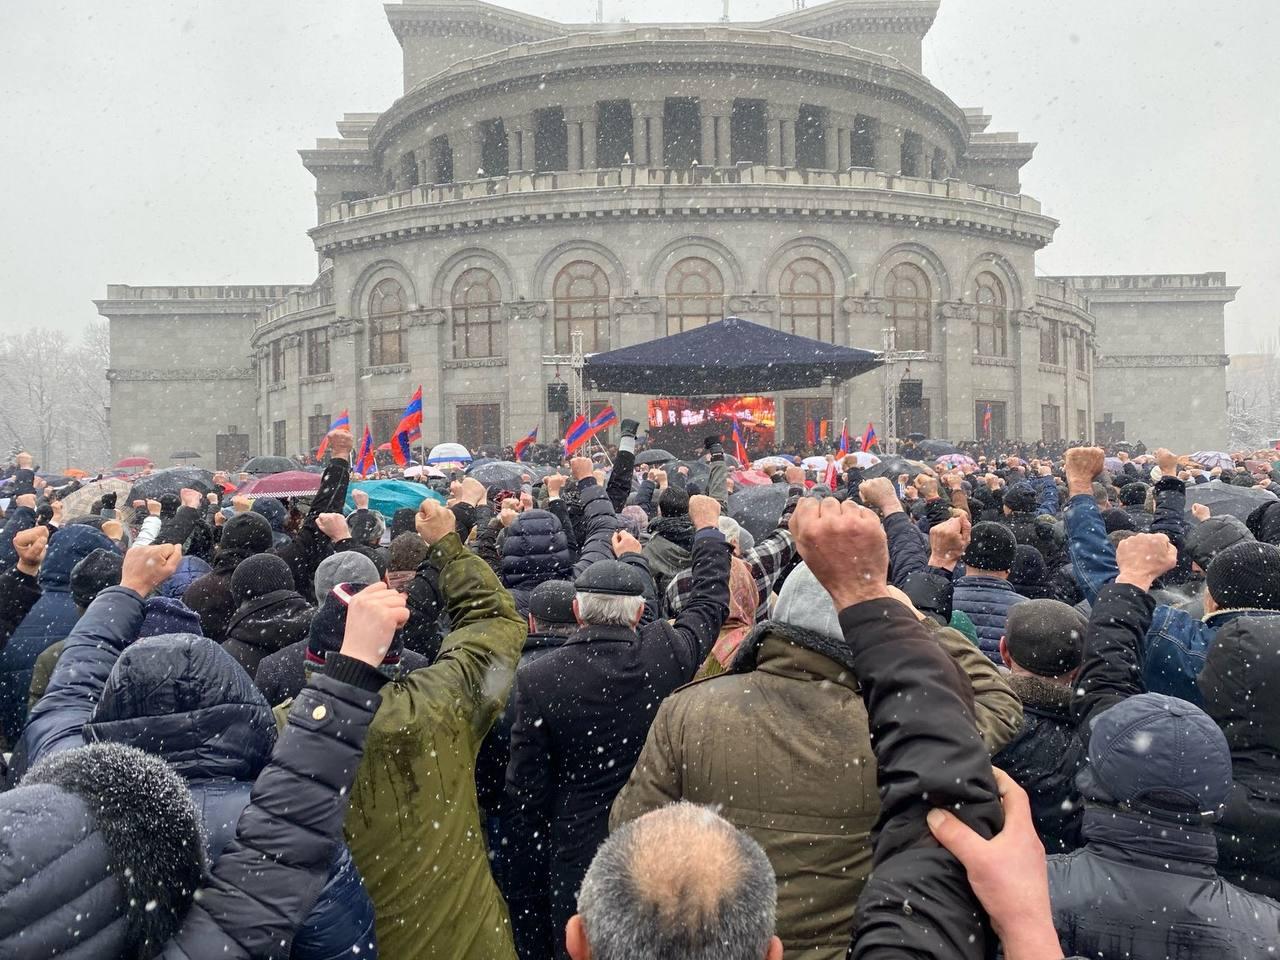 Photo of «Պետք է պատրաստ լինել կայծակնային արագությամբ, ապստամբելով վերցնել իշխանություն». Վազգեն Մանուկյանը Փաշինյանին հեռացնելու 2 պլան առաջարկեց